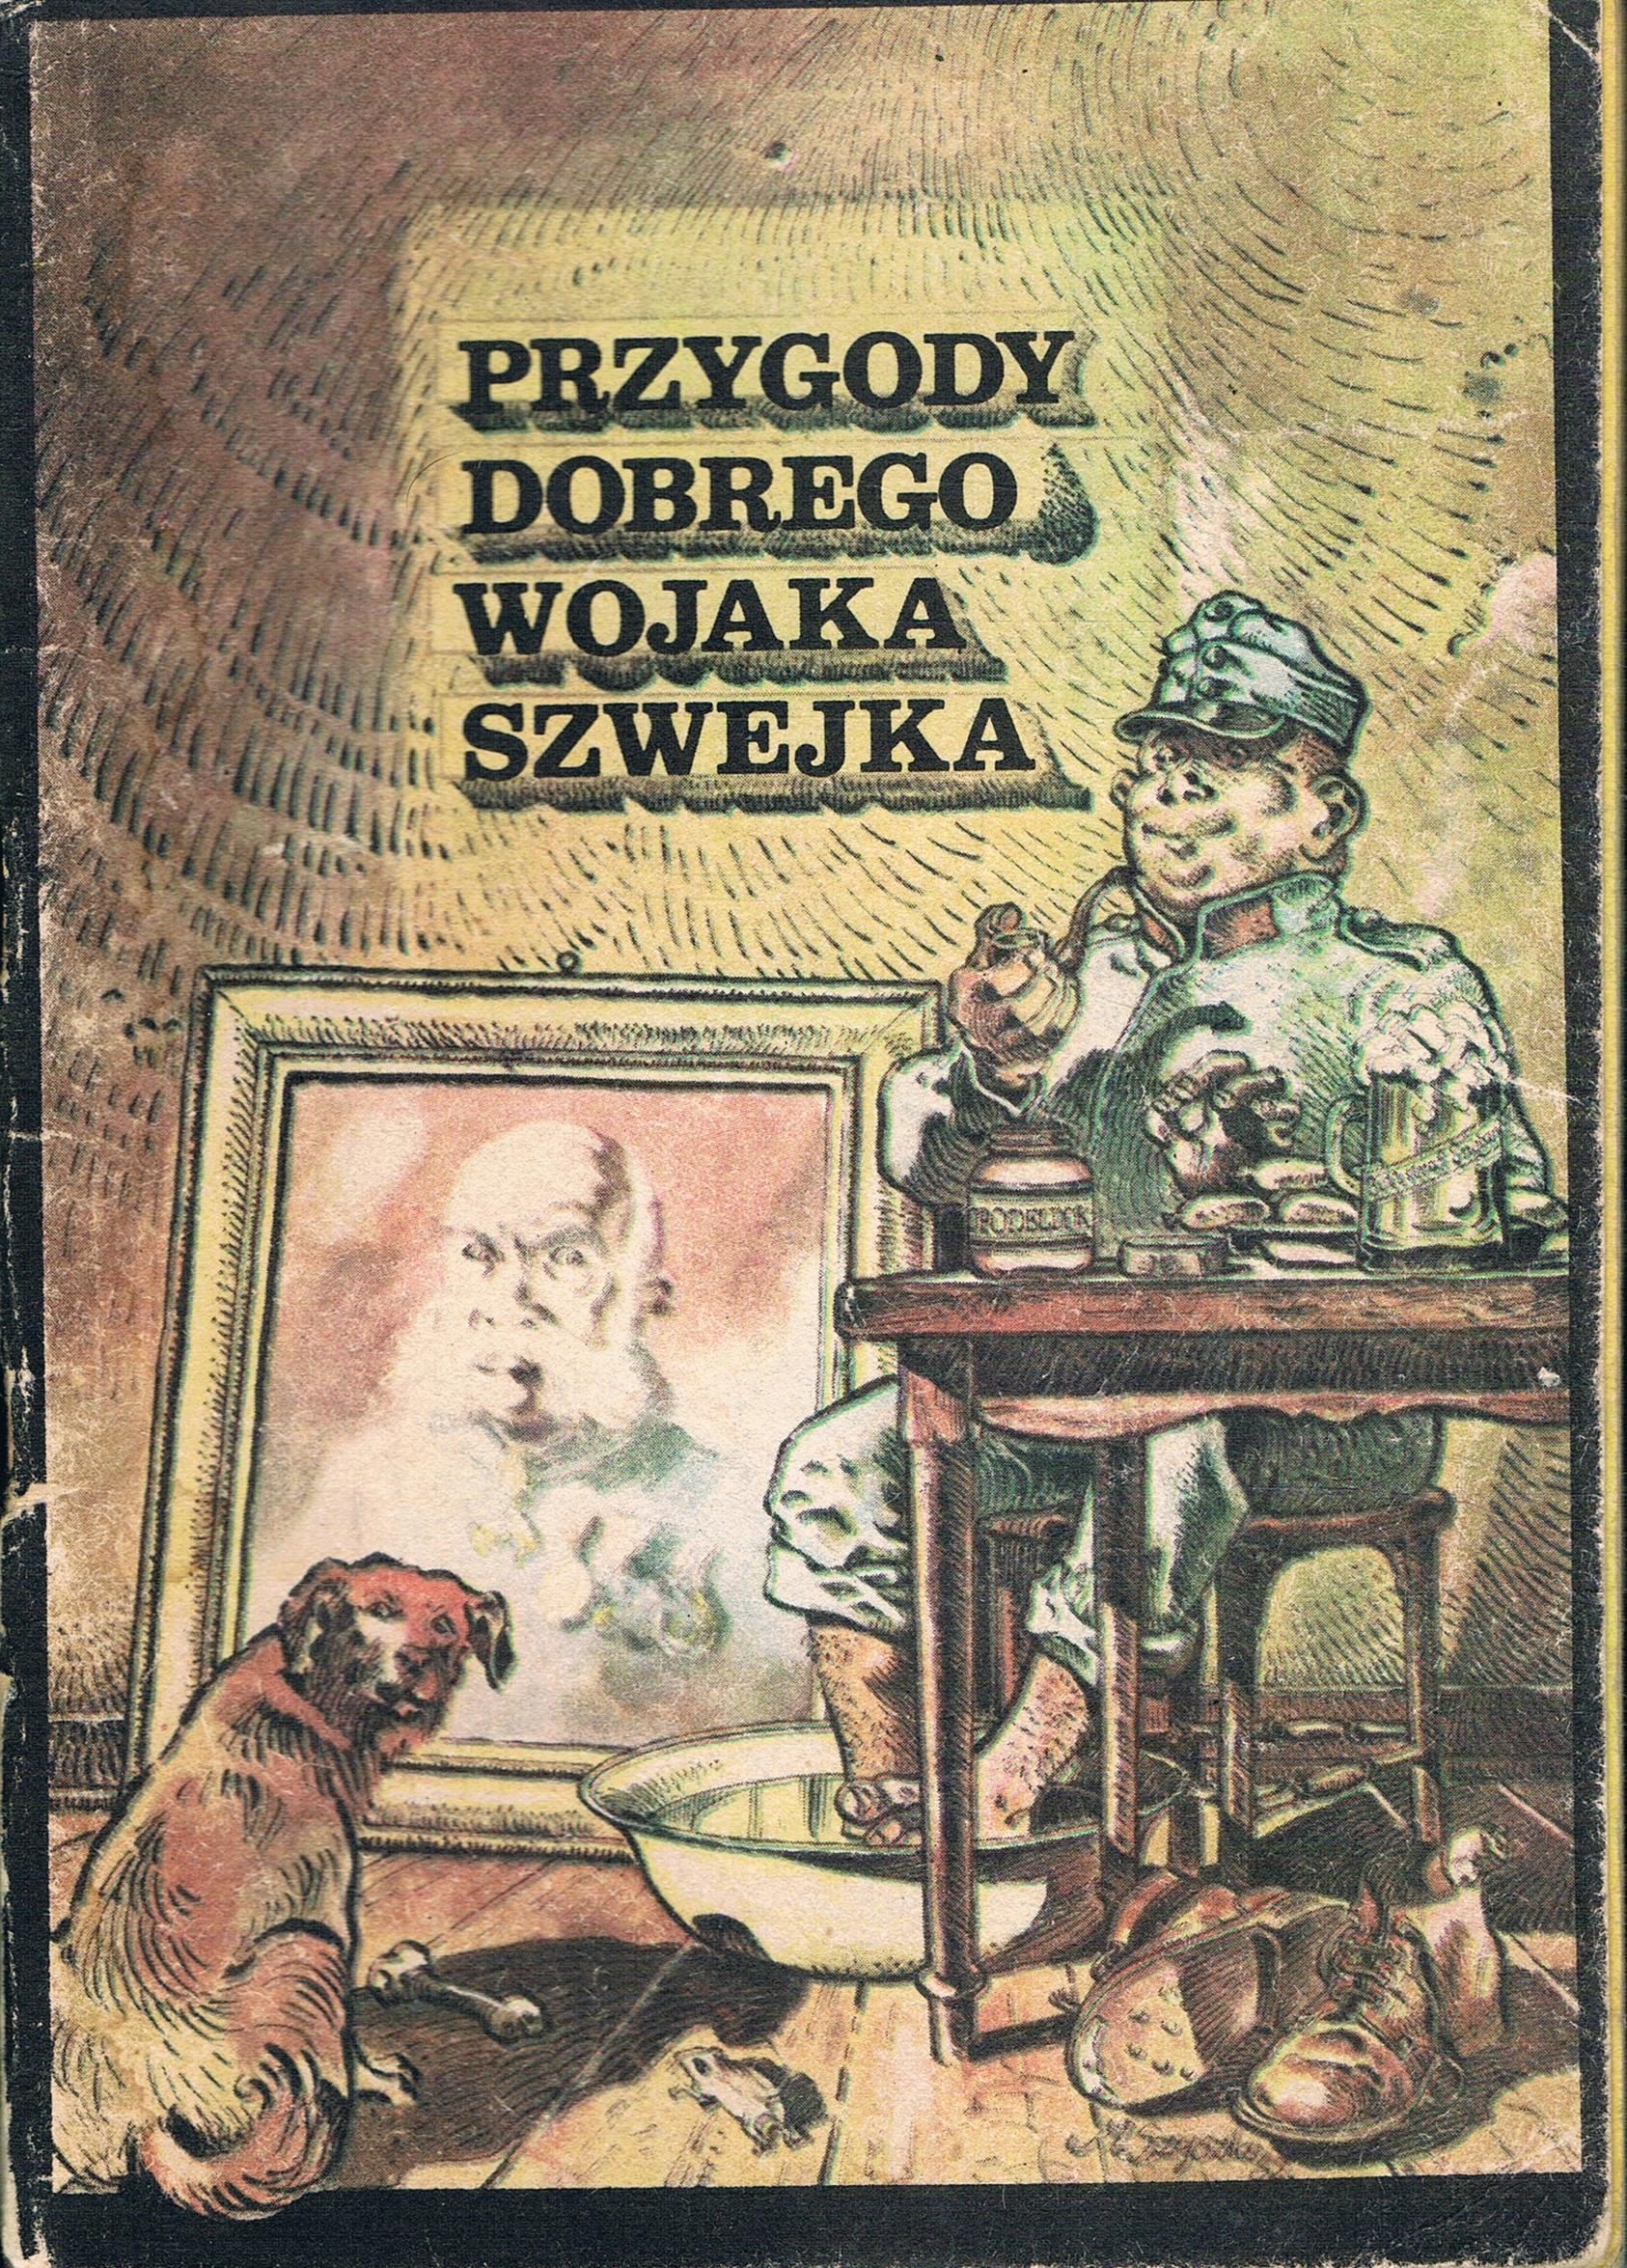 Przygody dobrego wojaka Szwejka /komiks